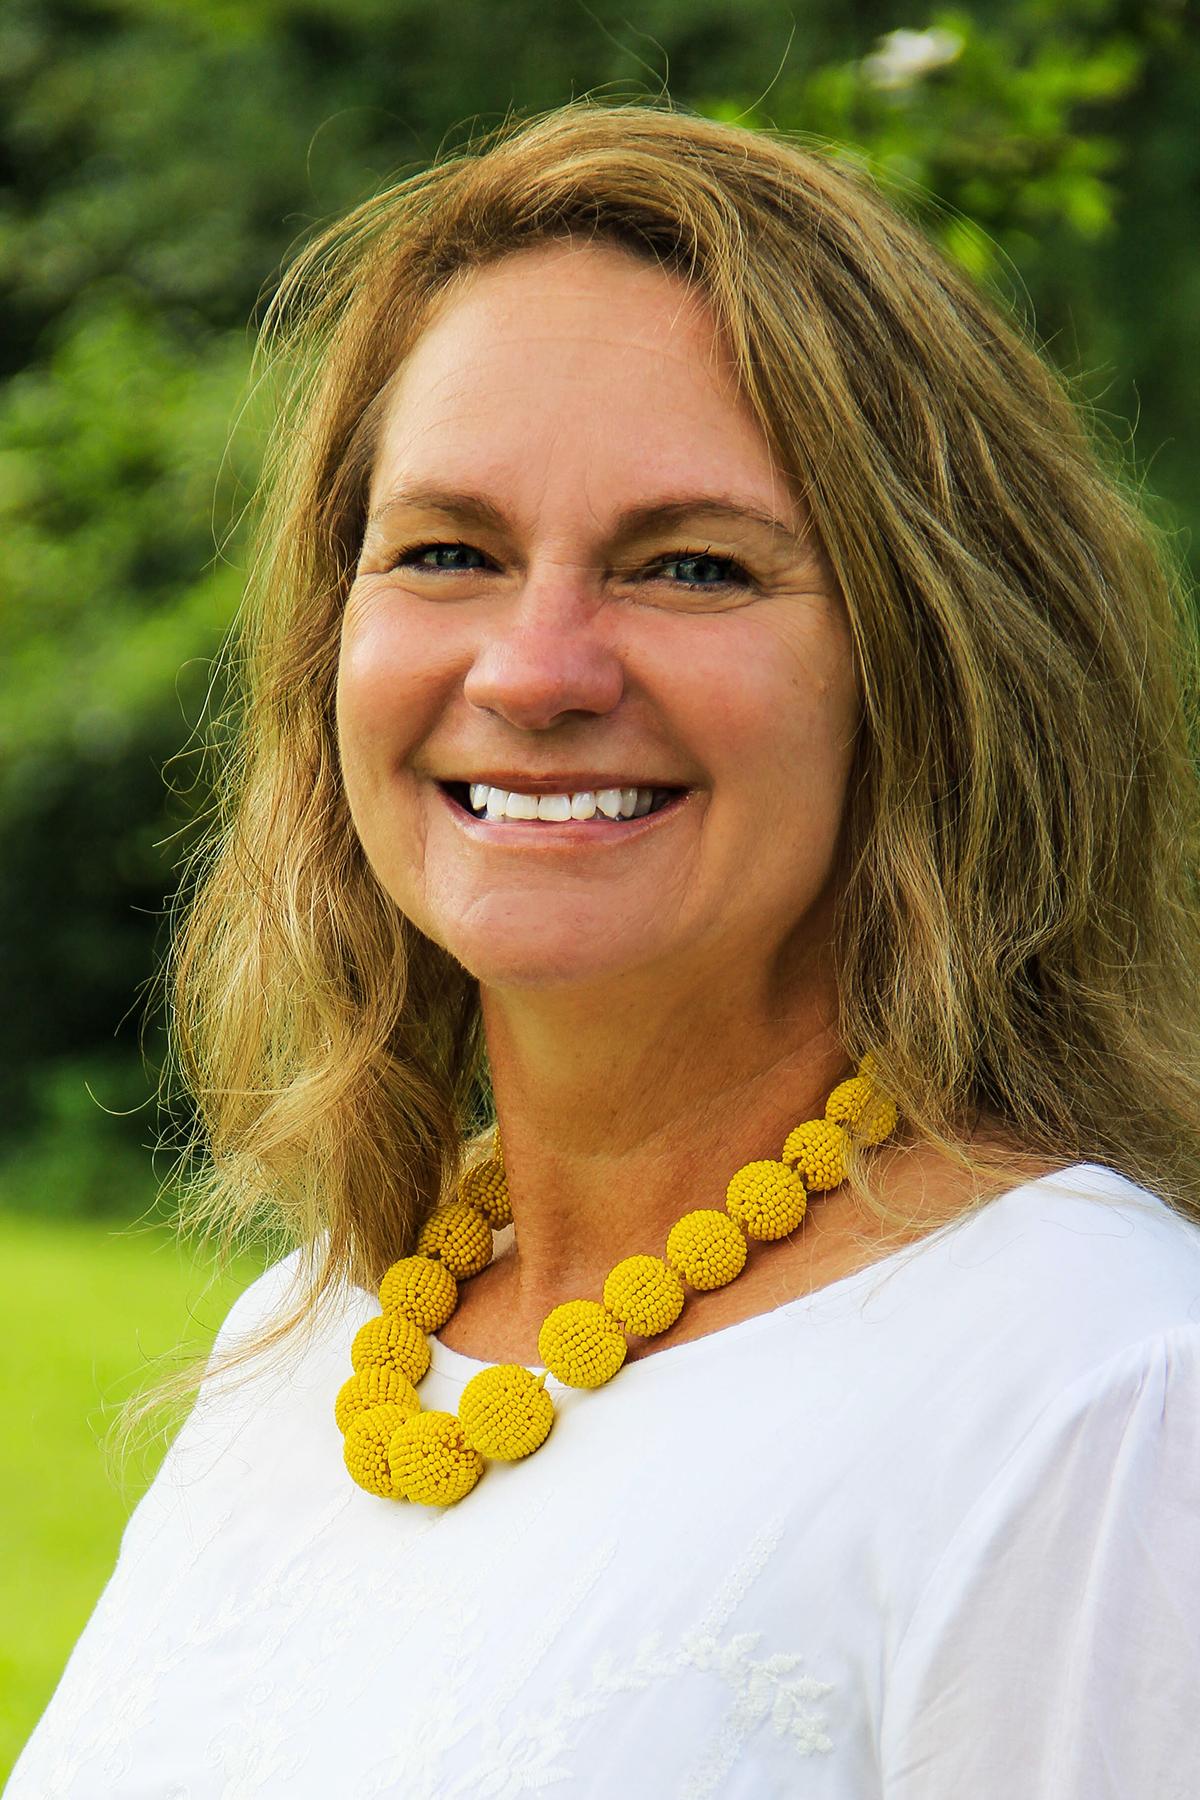 Tara Smith, 5A, Youth Ministry